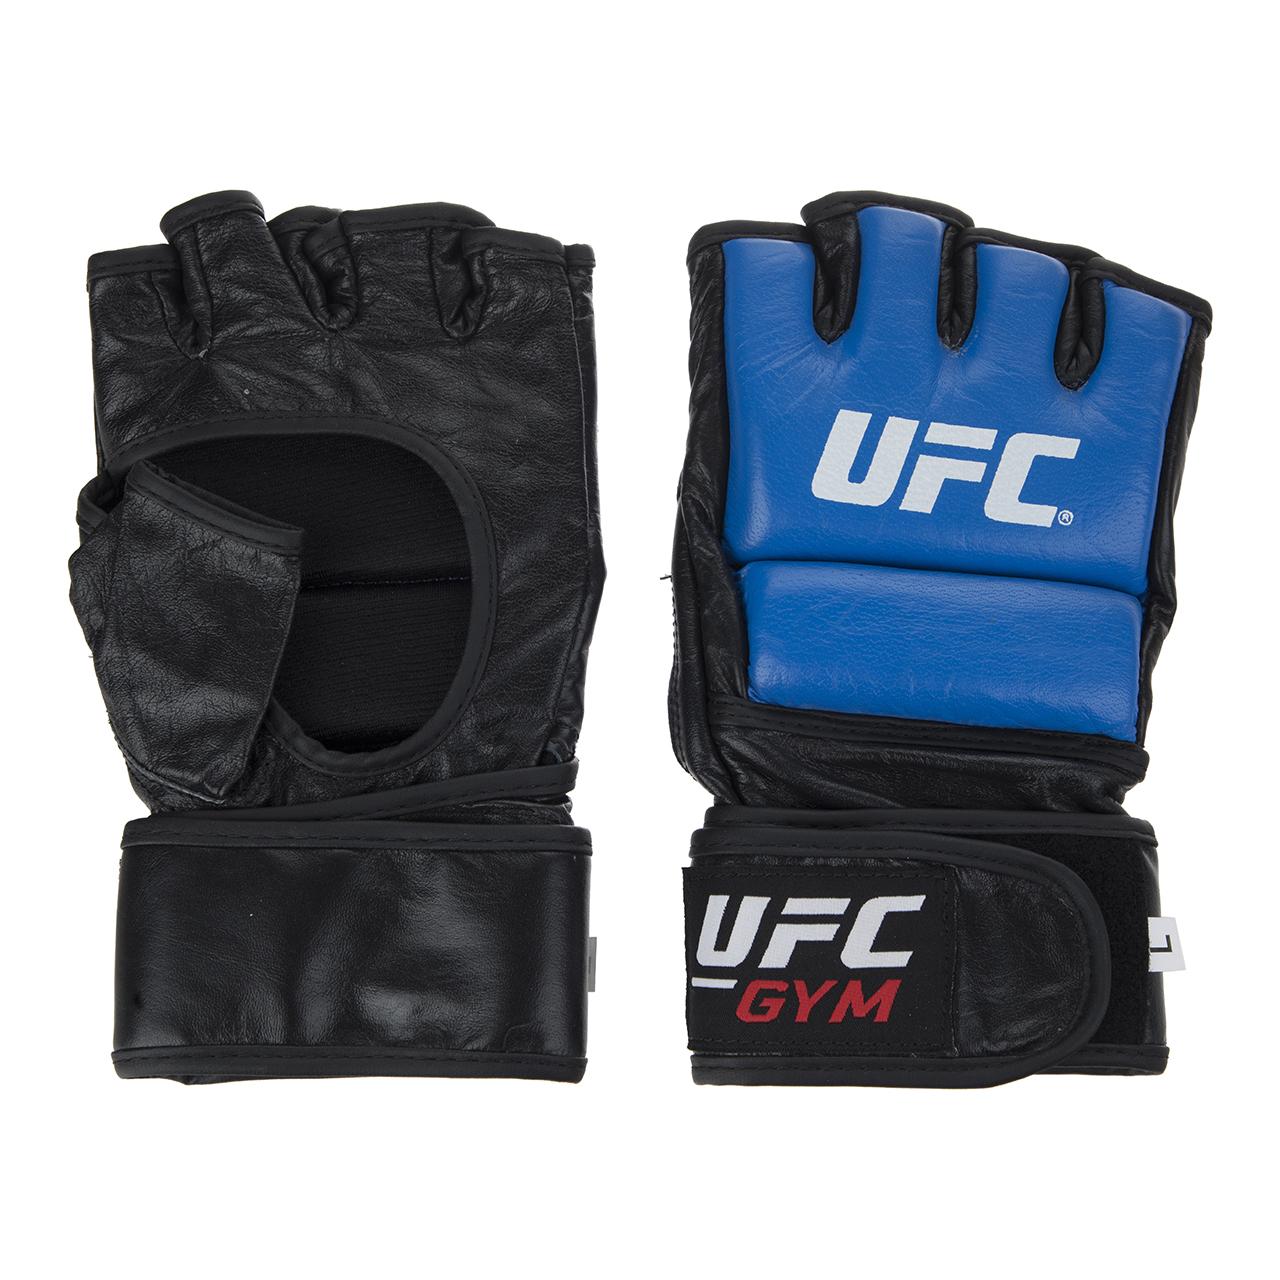 دستکش UFC مدل Gym سایز Large